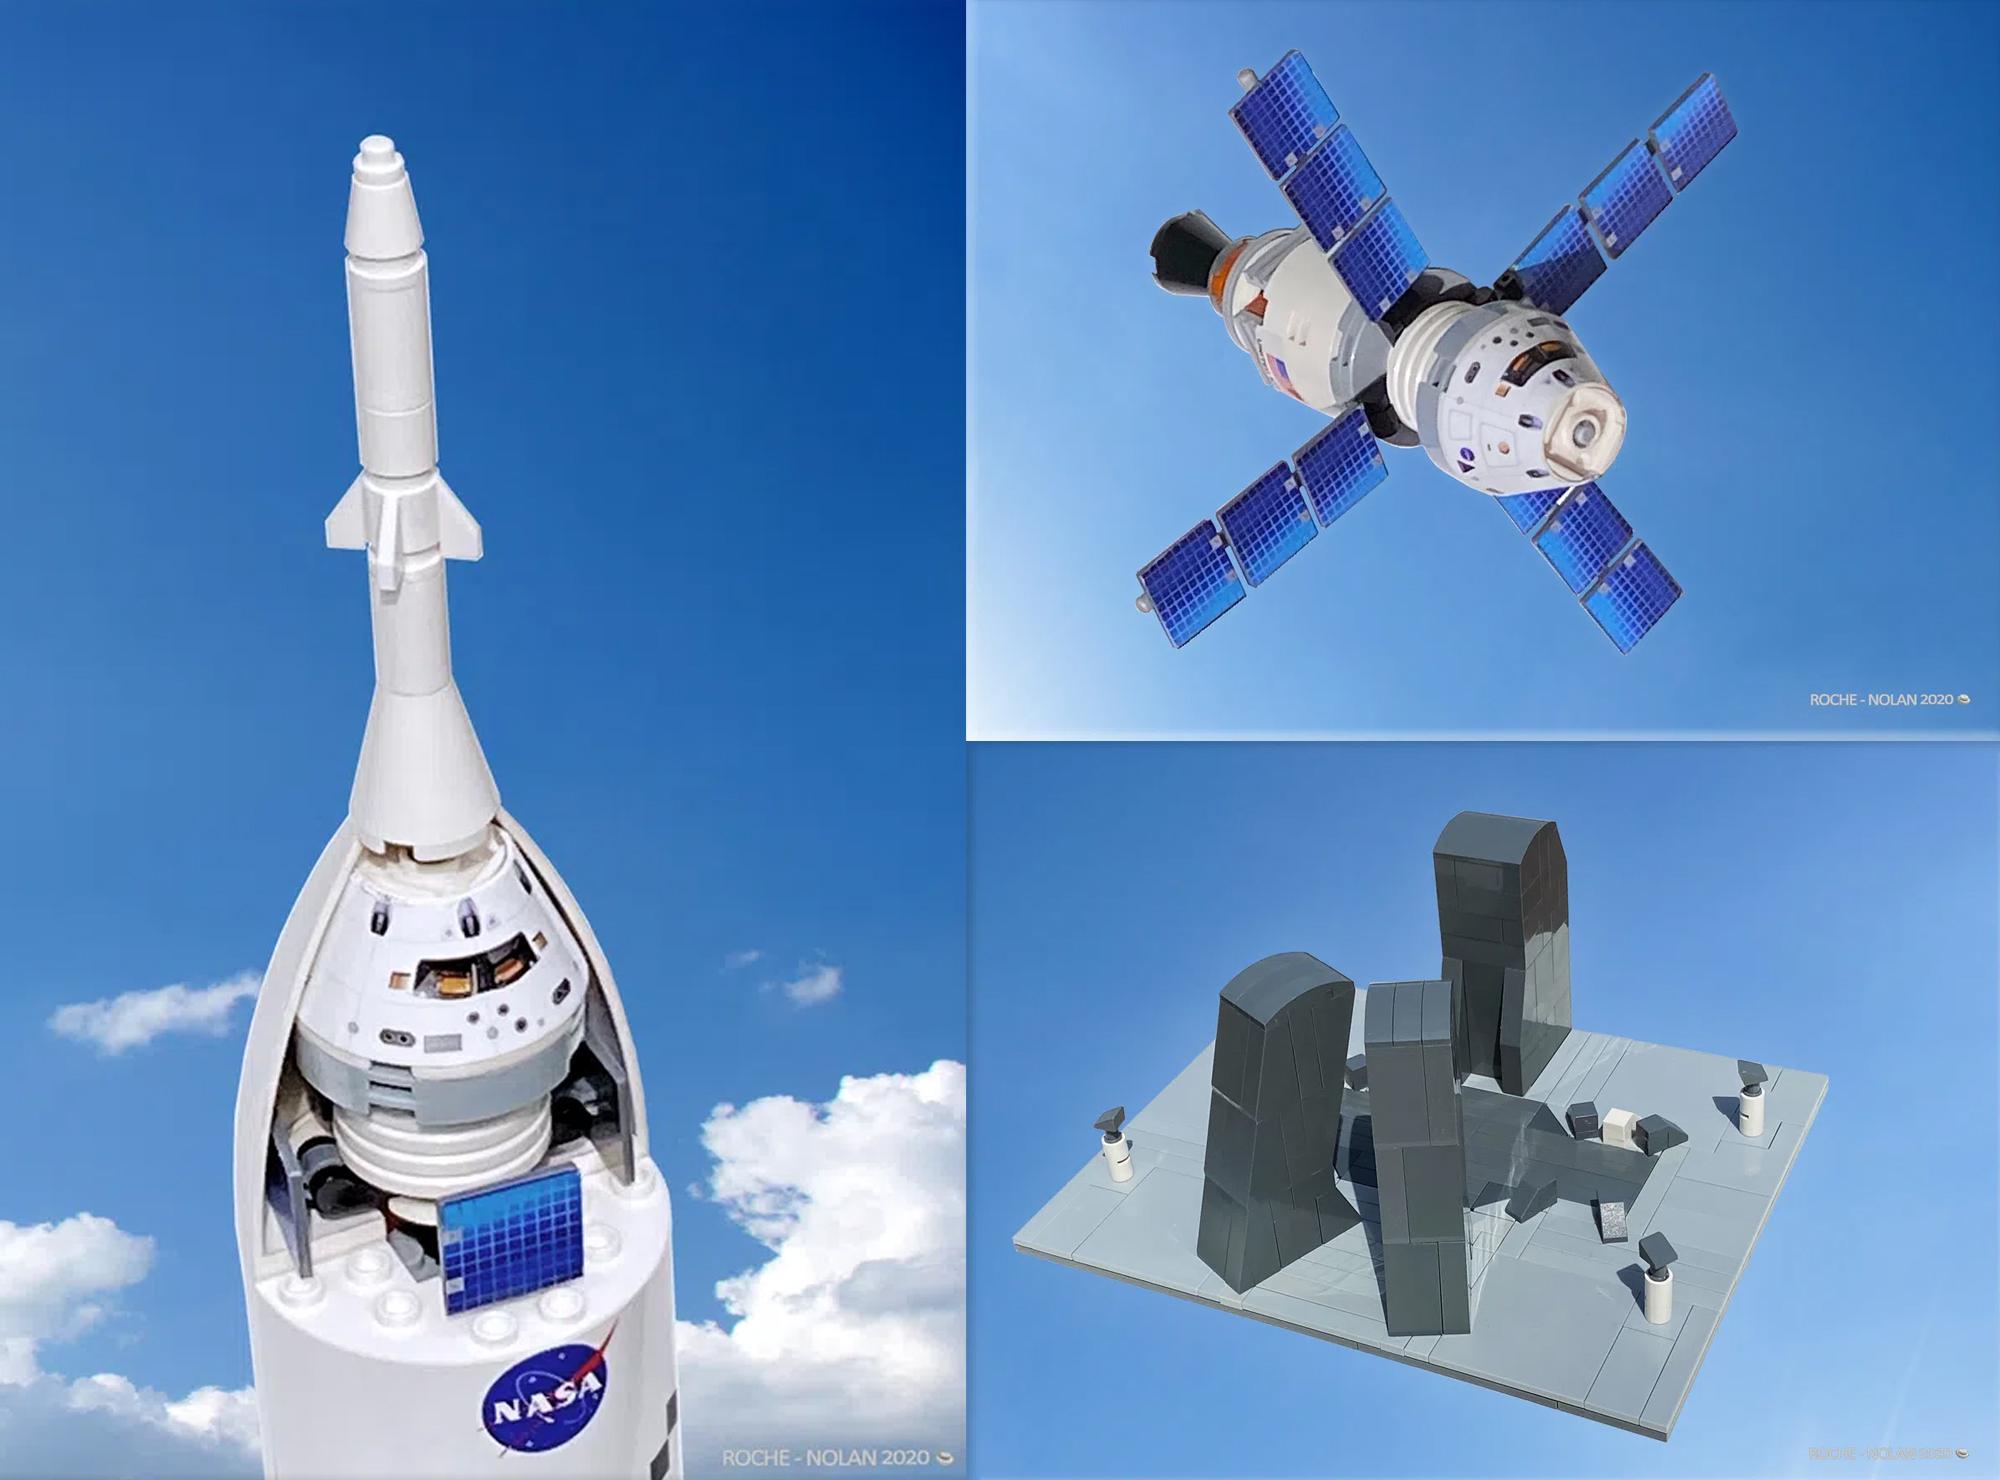 レゴアイデアで『NASA SLSとアルテミス計画』が製品化レビュー進出!2021年第1回1万サポート獲得デザイン紹介